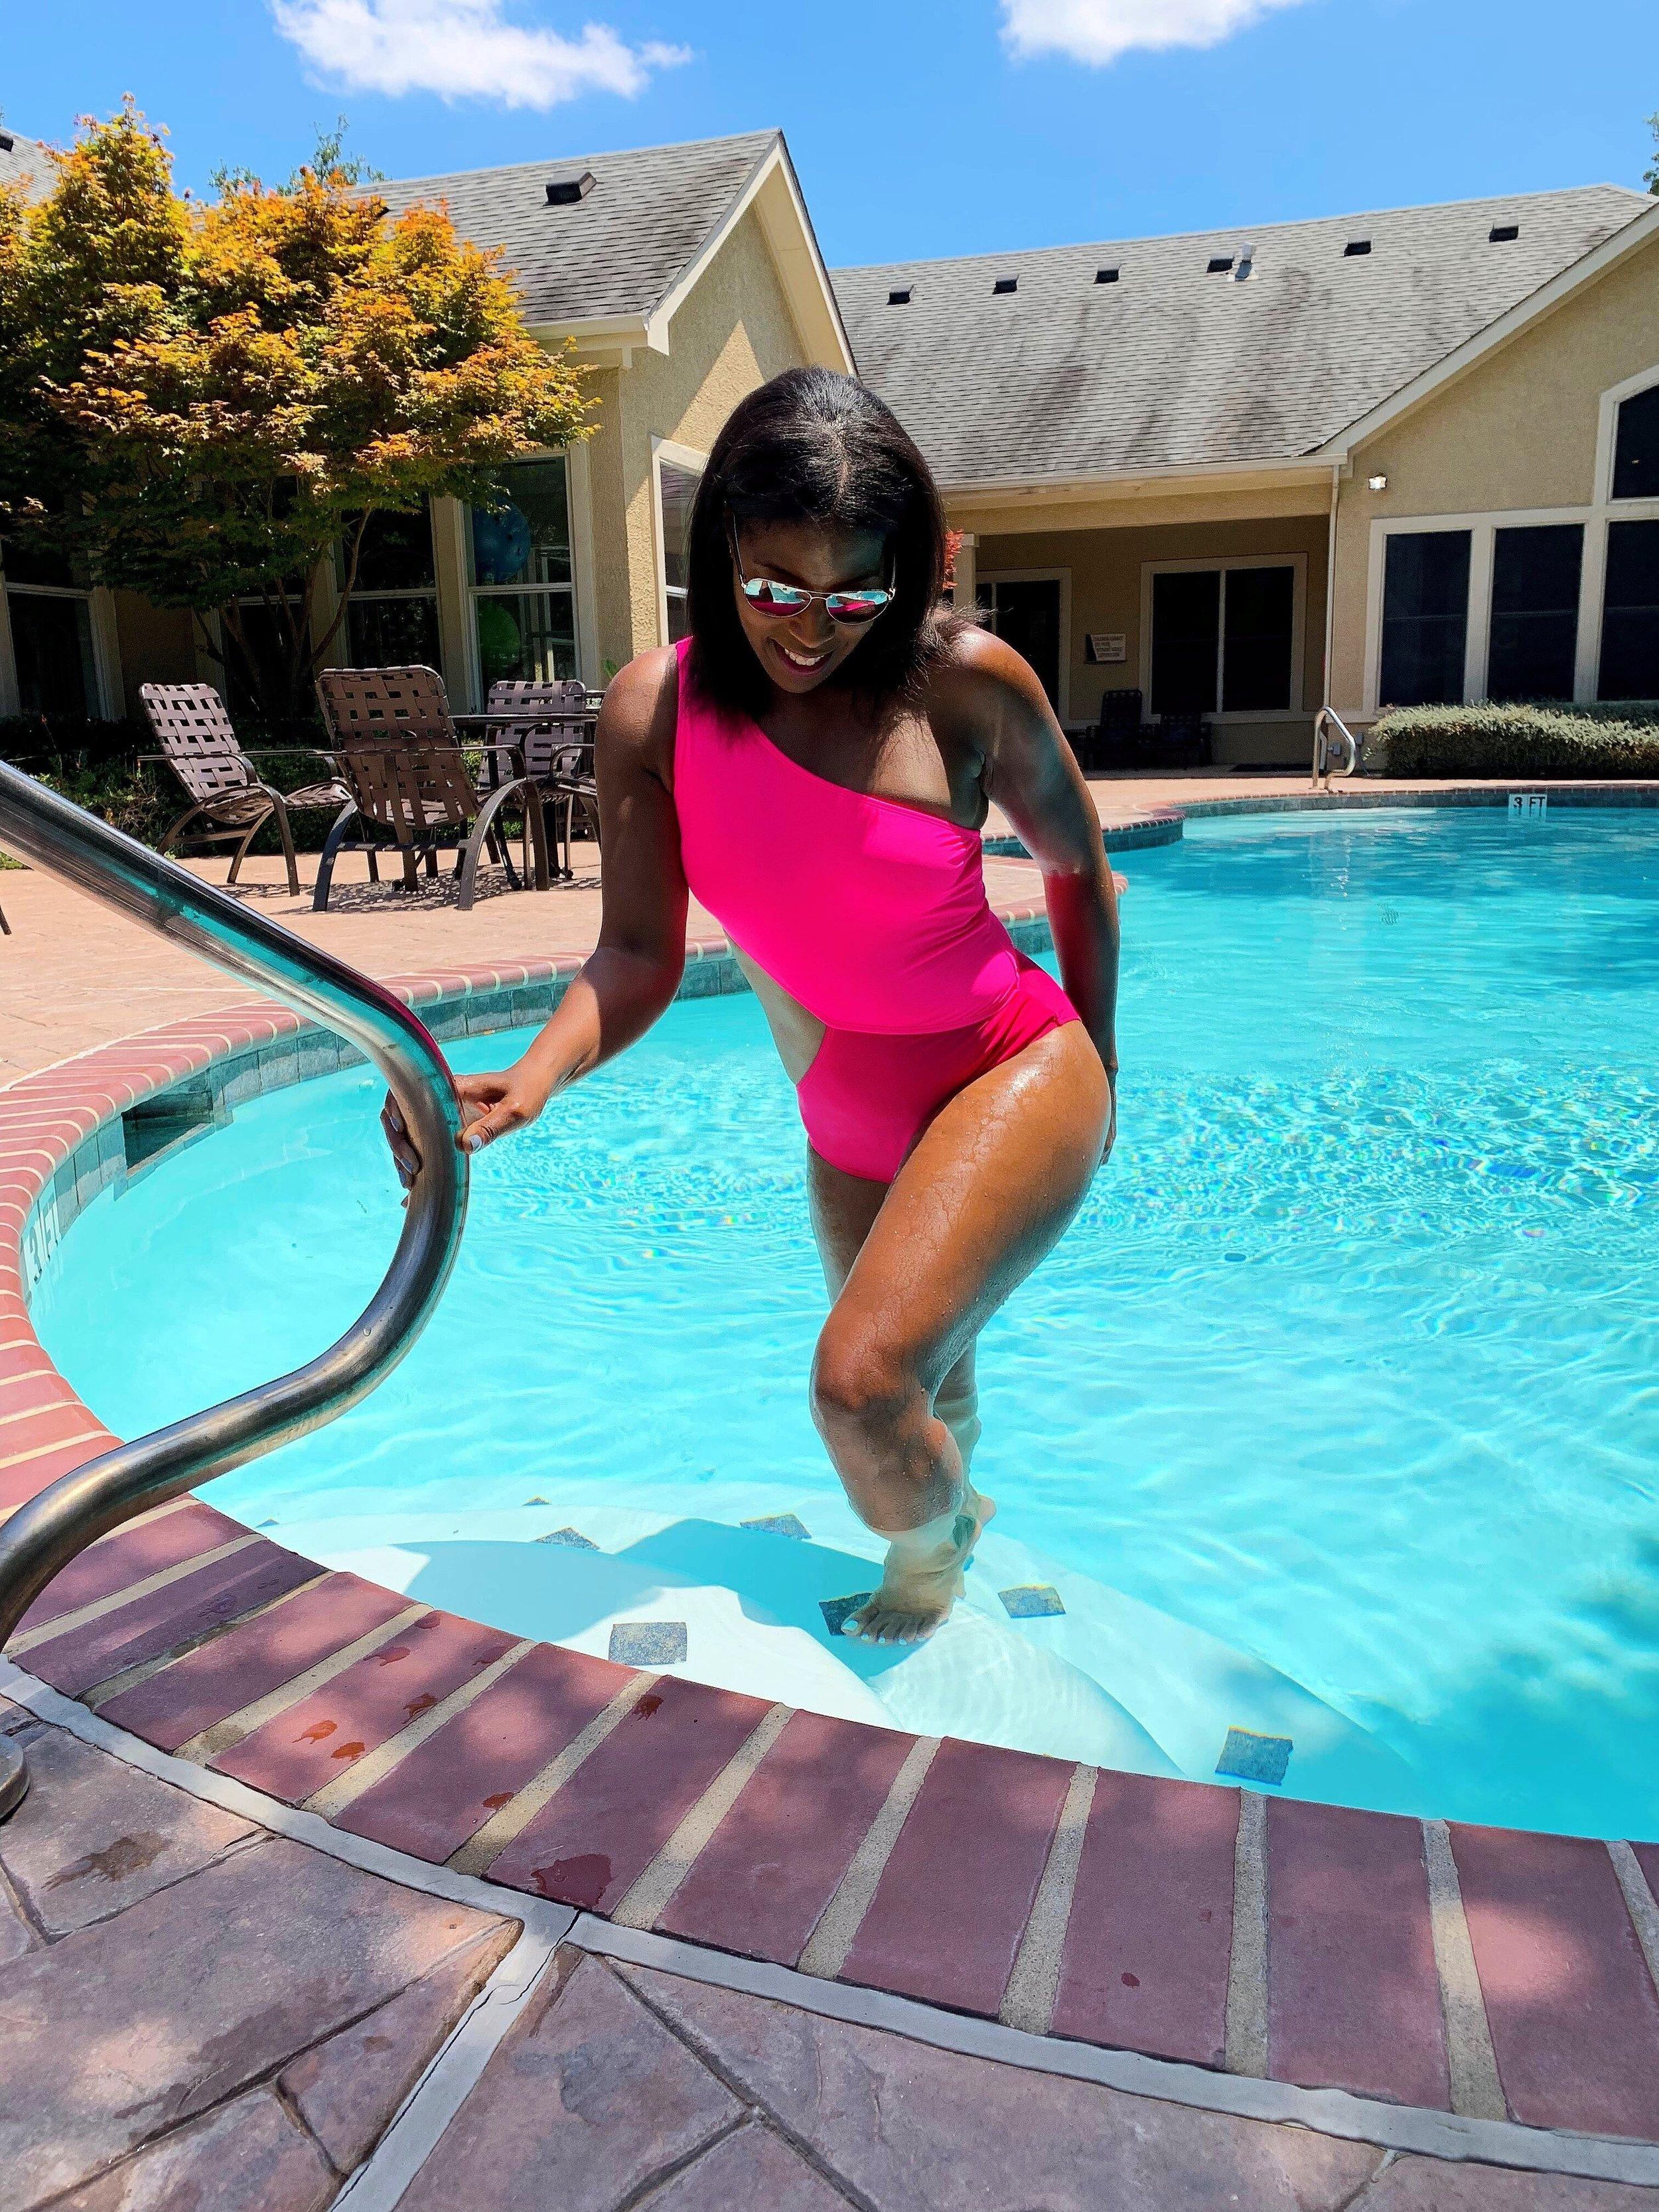 Swimwear by: Shein